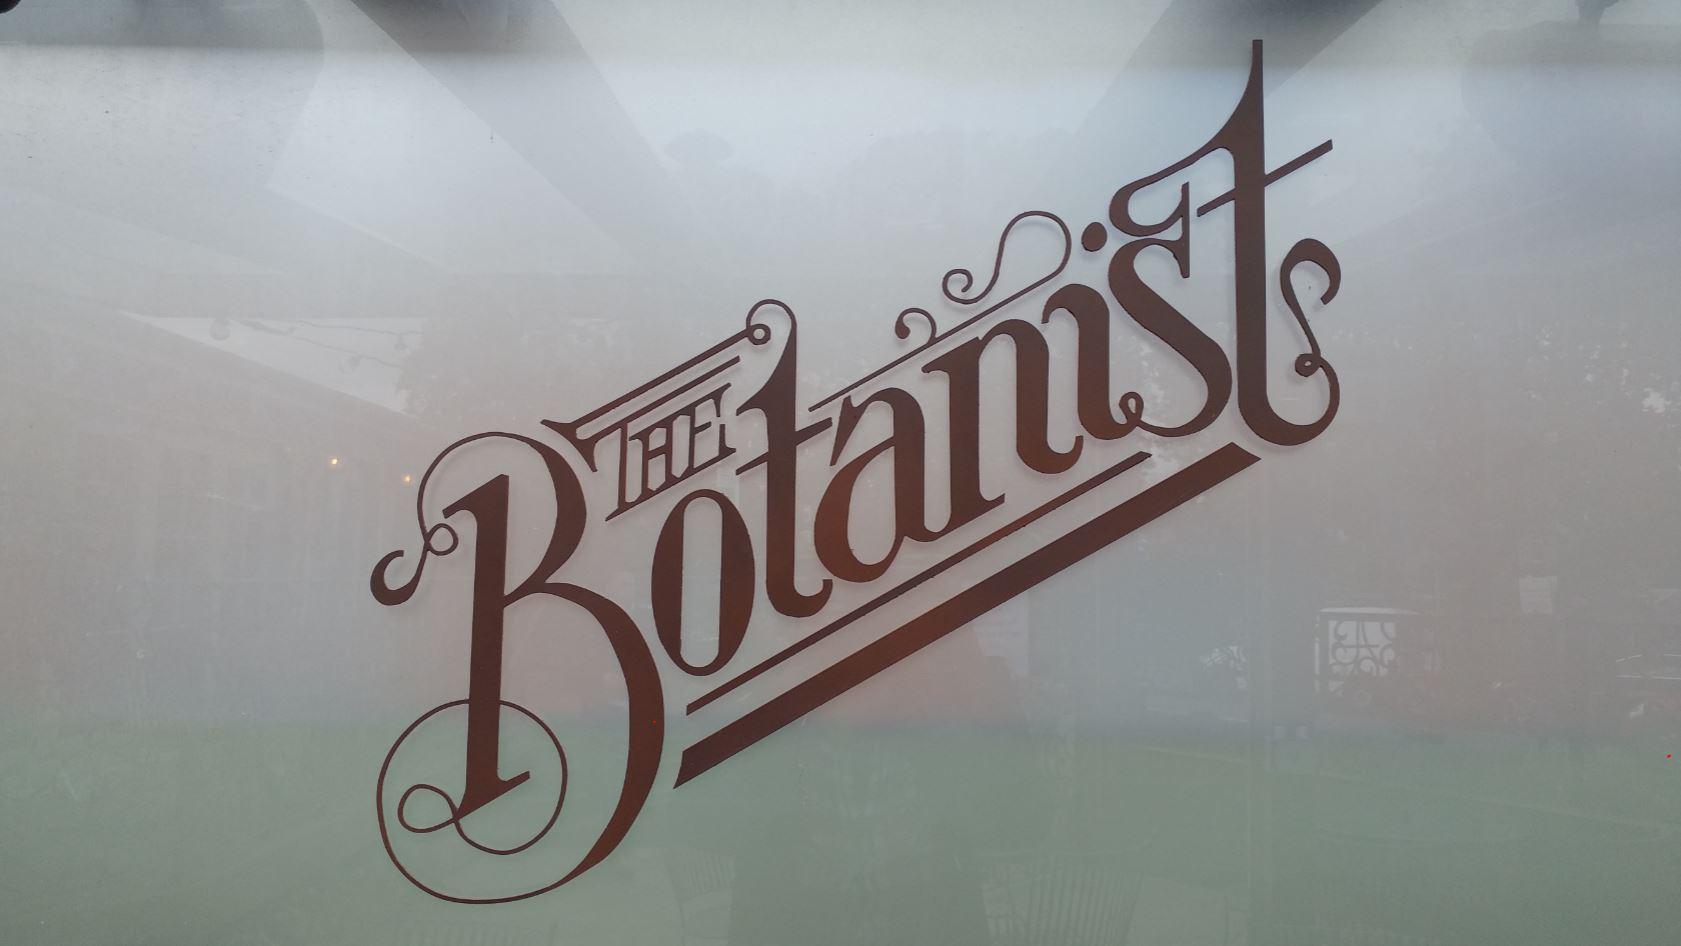 RESTAURANT REVIEW: THE BOTANIST, WEST BRIDGFORD, NOTTINGHAM